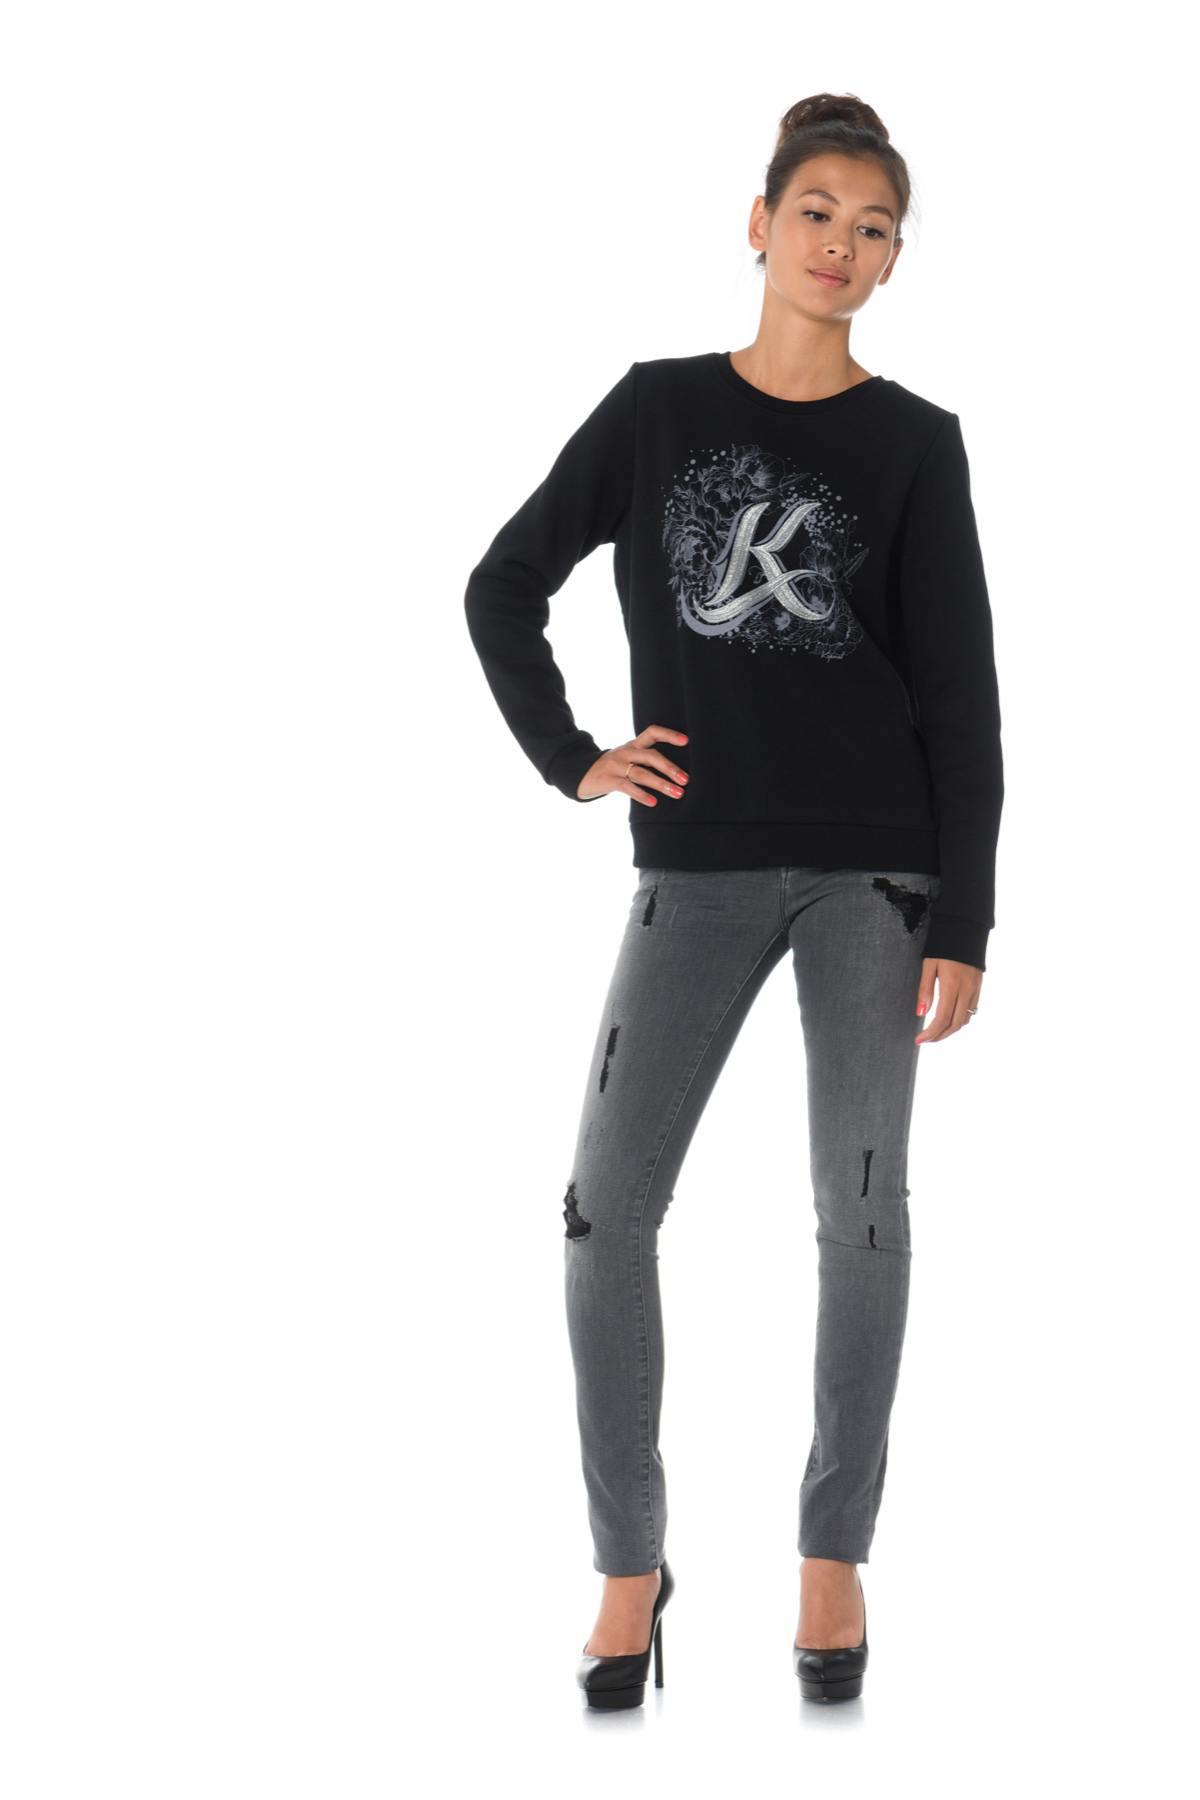 Pullsweatshirt Cuir Kaporal Femme Tarax Black 87q8aO41w